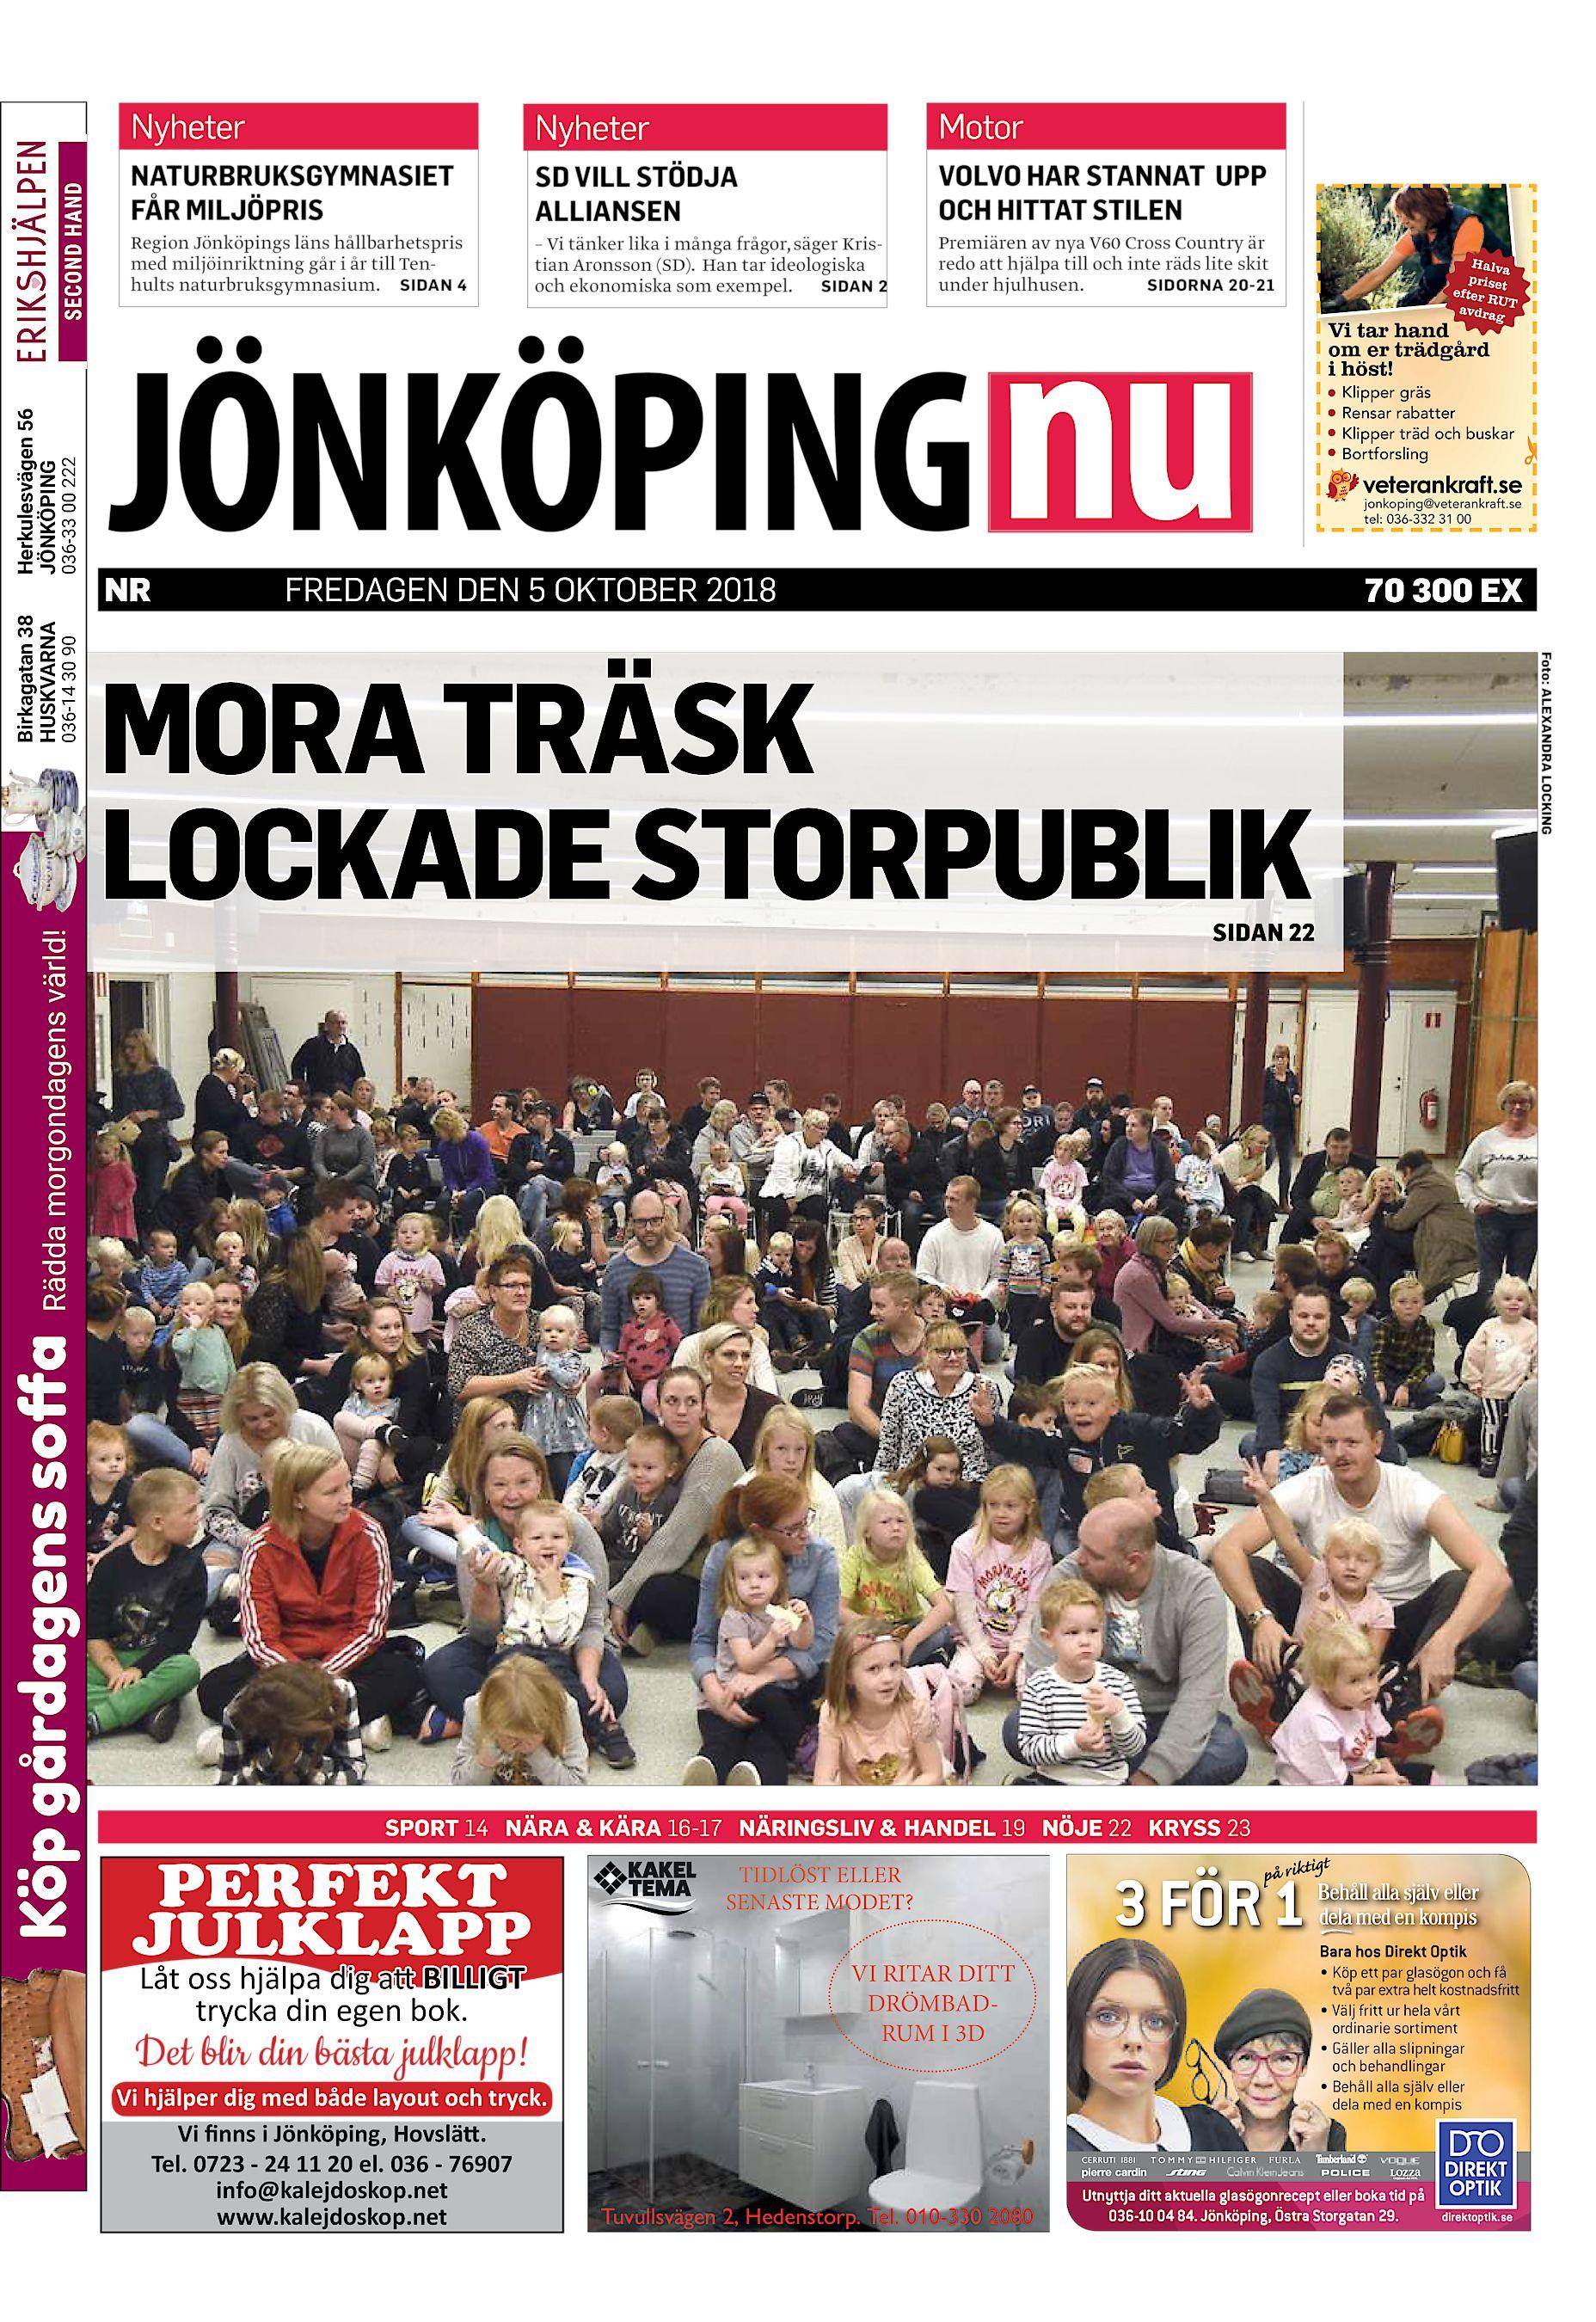 f8fba2e9aab9 ... ALLIANSEN VOLVO HAR STANNAT UPP OCH HITTAT STILEN Region Jönköpings  läns hållbarhetspris med miljöinriktning går i år till Tenhults  naturbruksgymnasium.